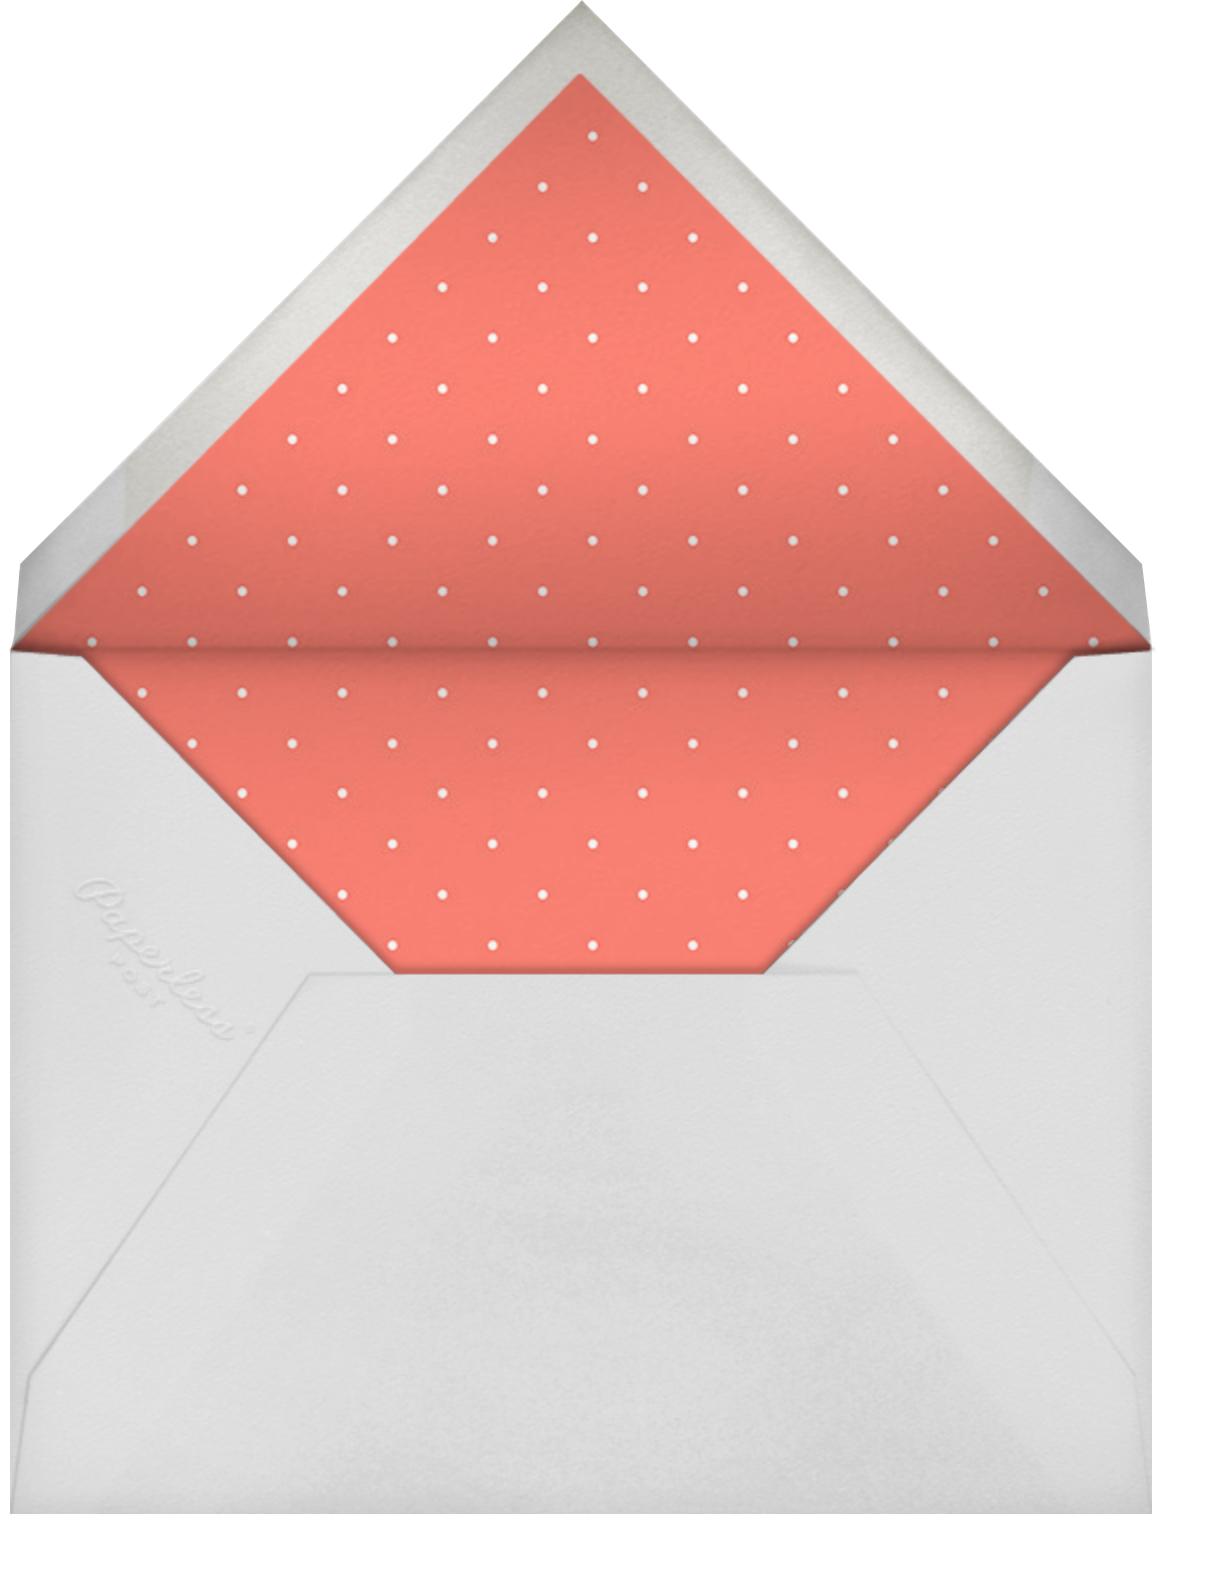 Spec in Capri - Coral  - Mr. Boddington's Studio - Cocktail party - envelope back